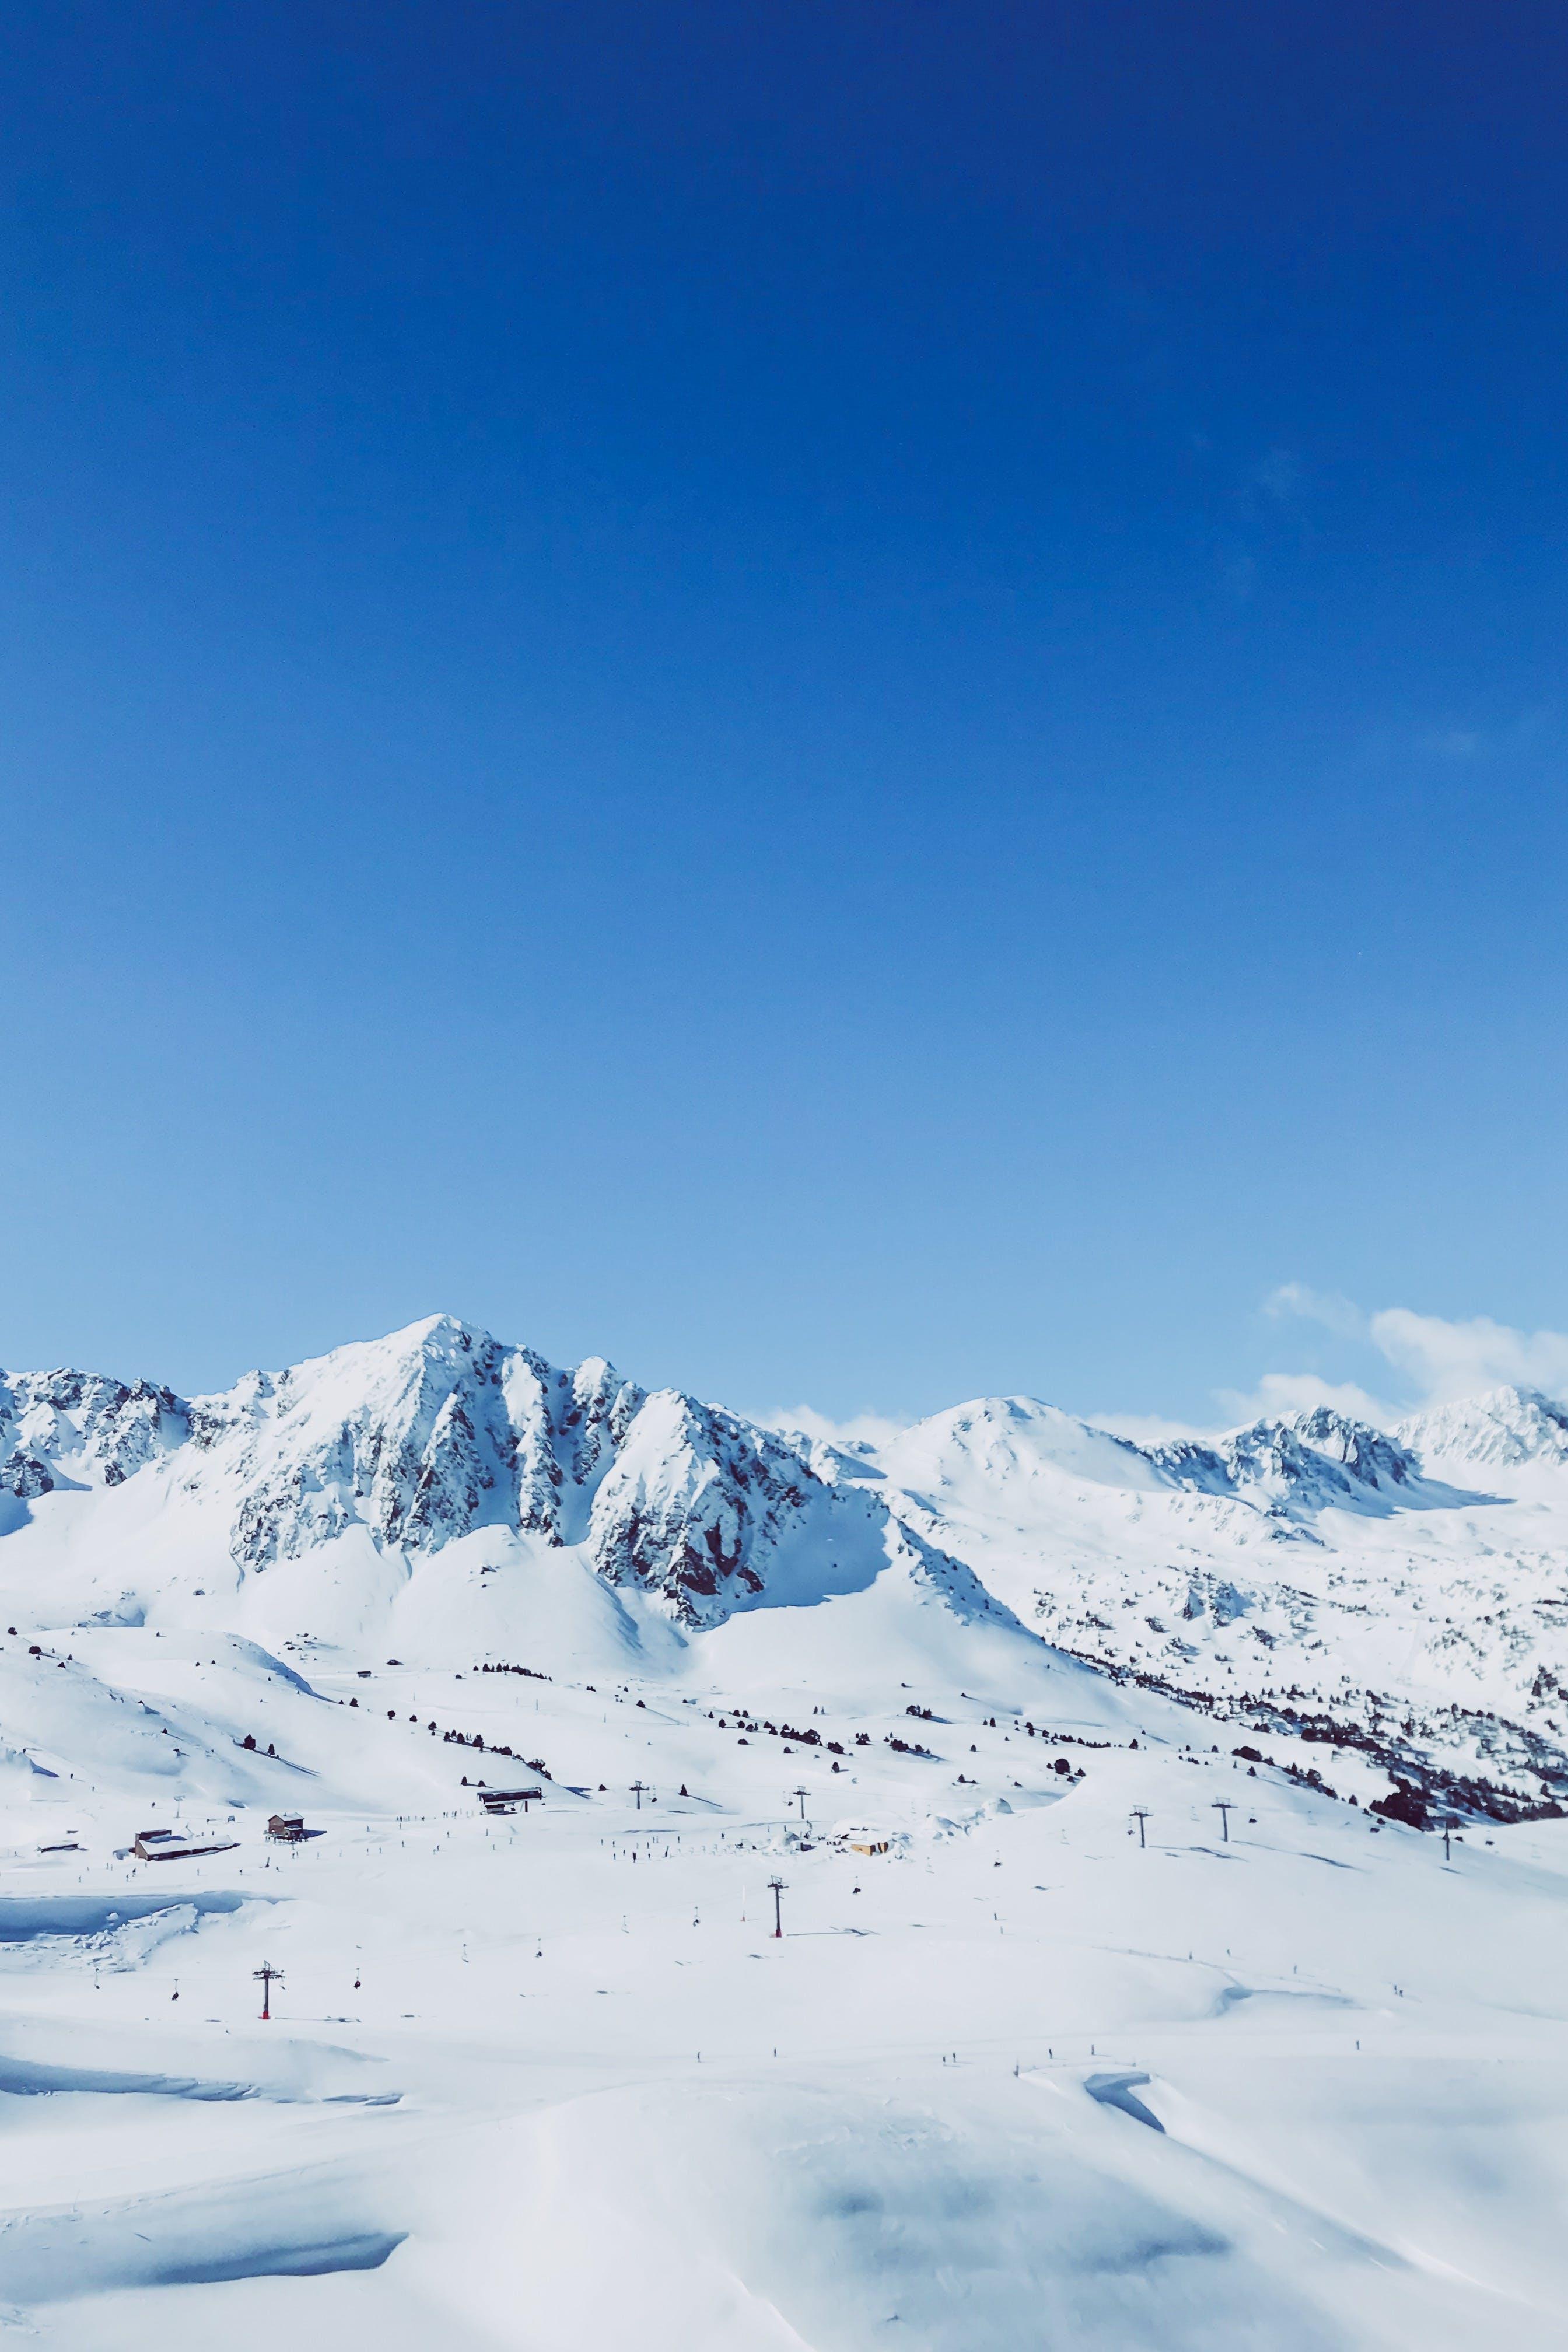 Základová fotografie zdarma na téma Alpy, denní, denní světlo, fotografie přírody